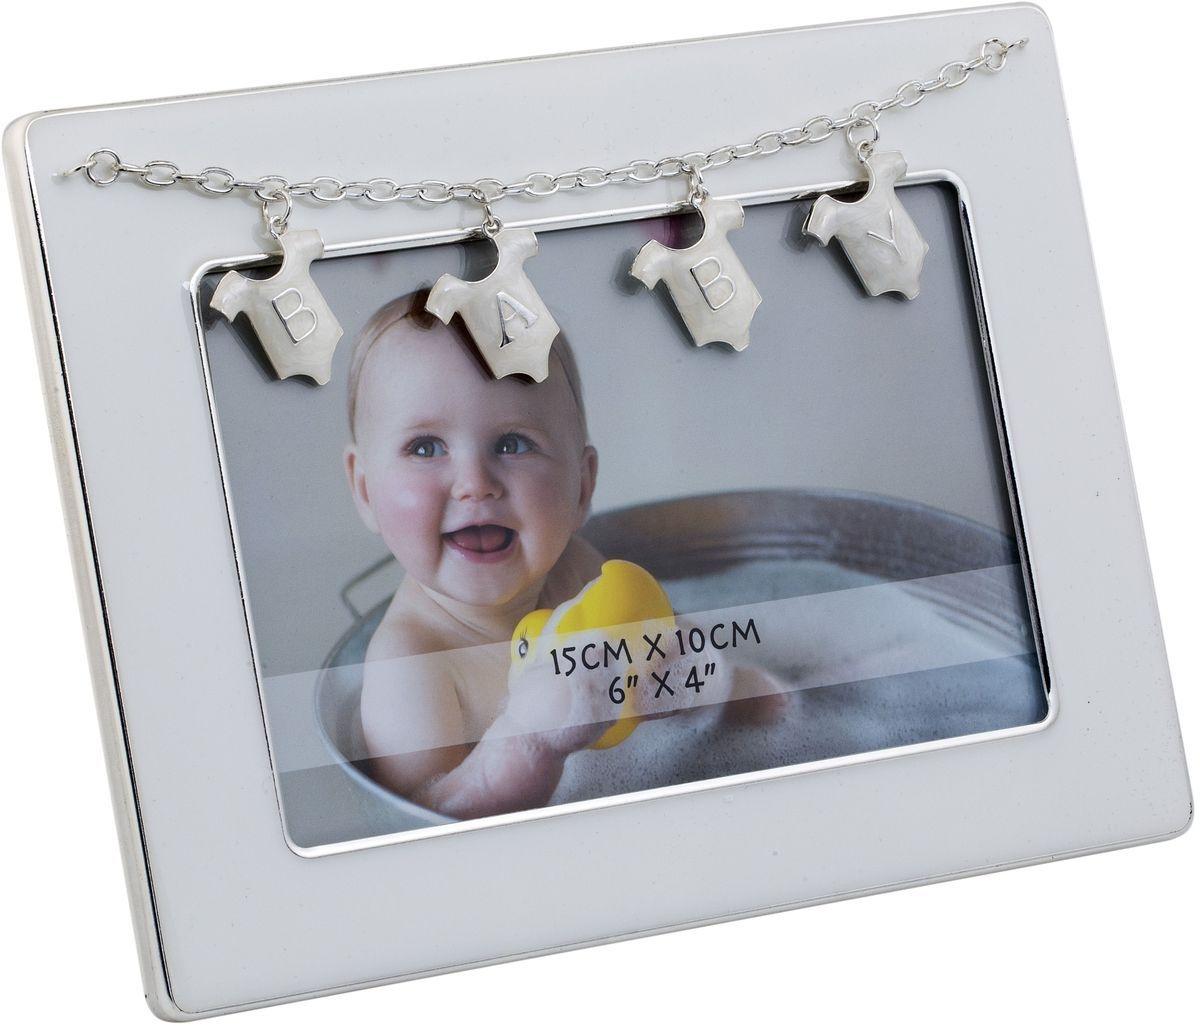 Фоторамка Platinum Baby, 10 х 15 см. PF11305NБрелок для ключейДекоративная фоторамка Platinum Baby изготовлена из металла. Изделие оформлено декоративными элементами в виде подвесок на цепочке с буквами Baby. Рамка устанавливается на столе с помощью специальной ножки. Такая фоторамка позволит хранить на видном месте фотографии любимых вами людей и памятных моментов жизни, а также красиво дополнит интерьер помещения. Размер фоторамки: 18,5 х 14,5 см.